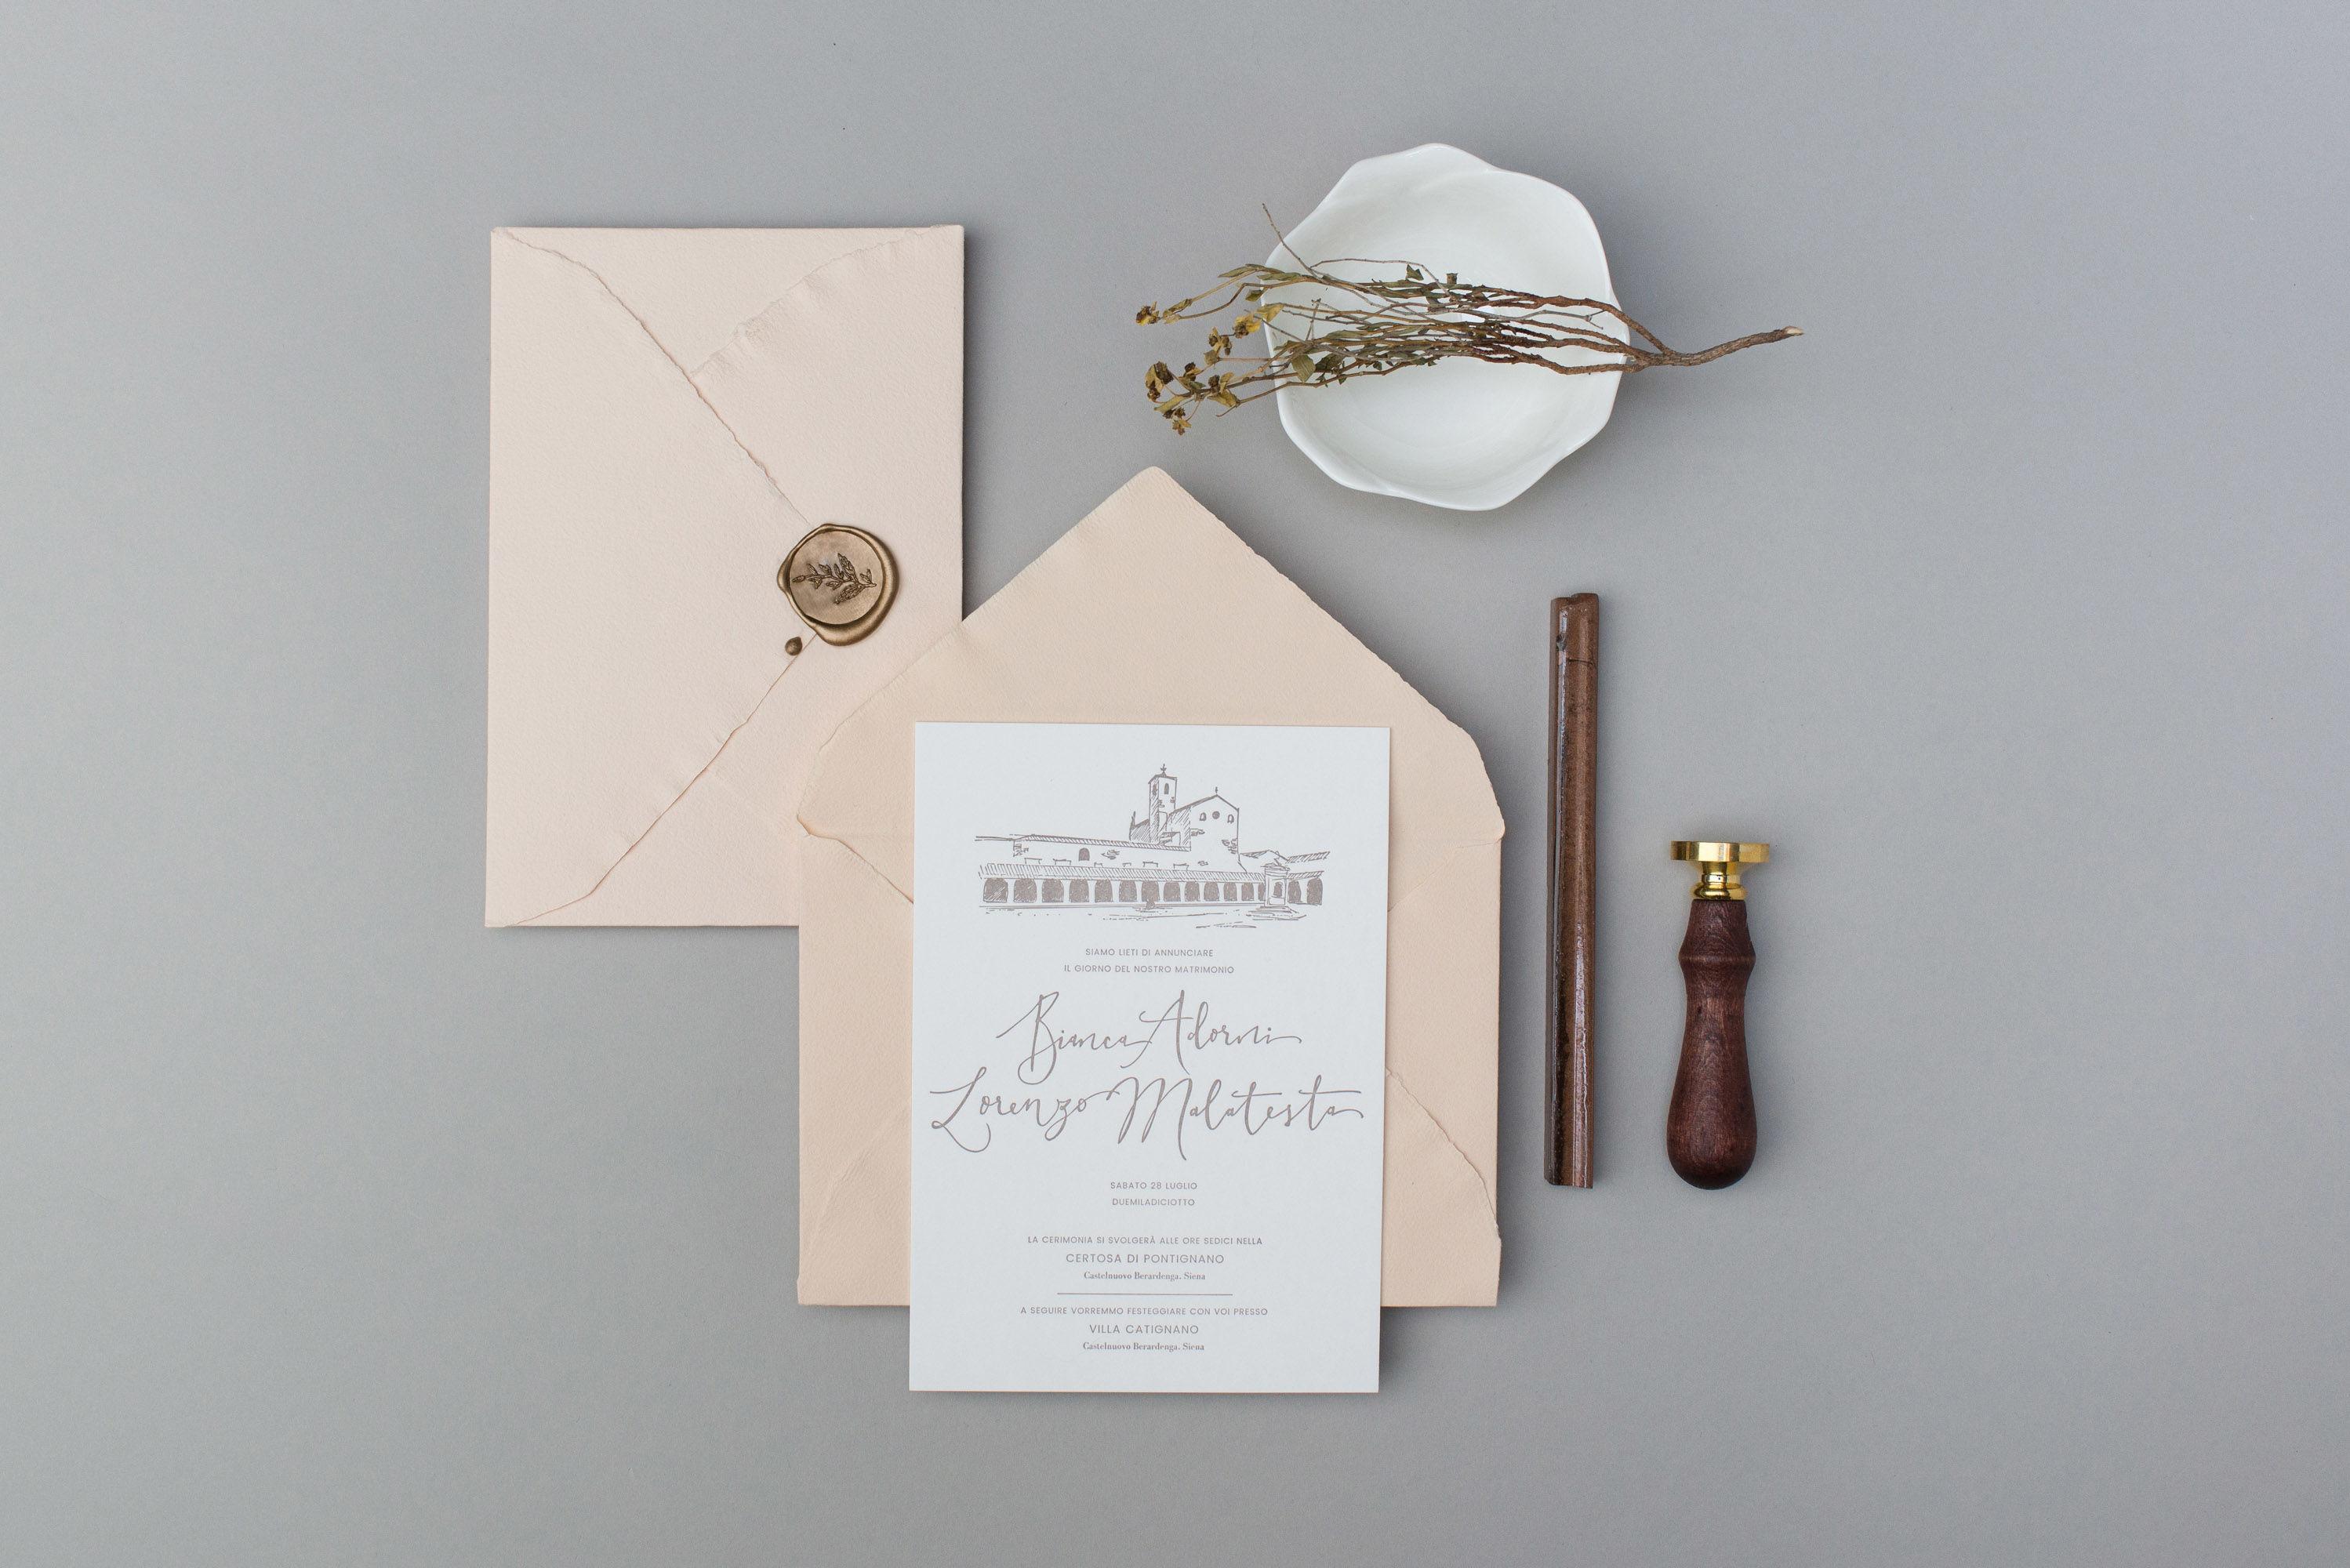 Inviti Matrimonio Azzurro : Inviti a catalogo studio alispi